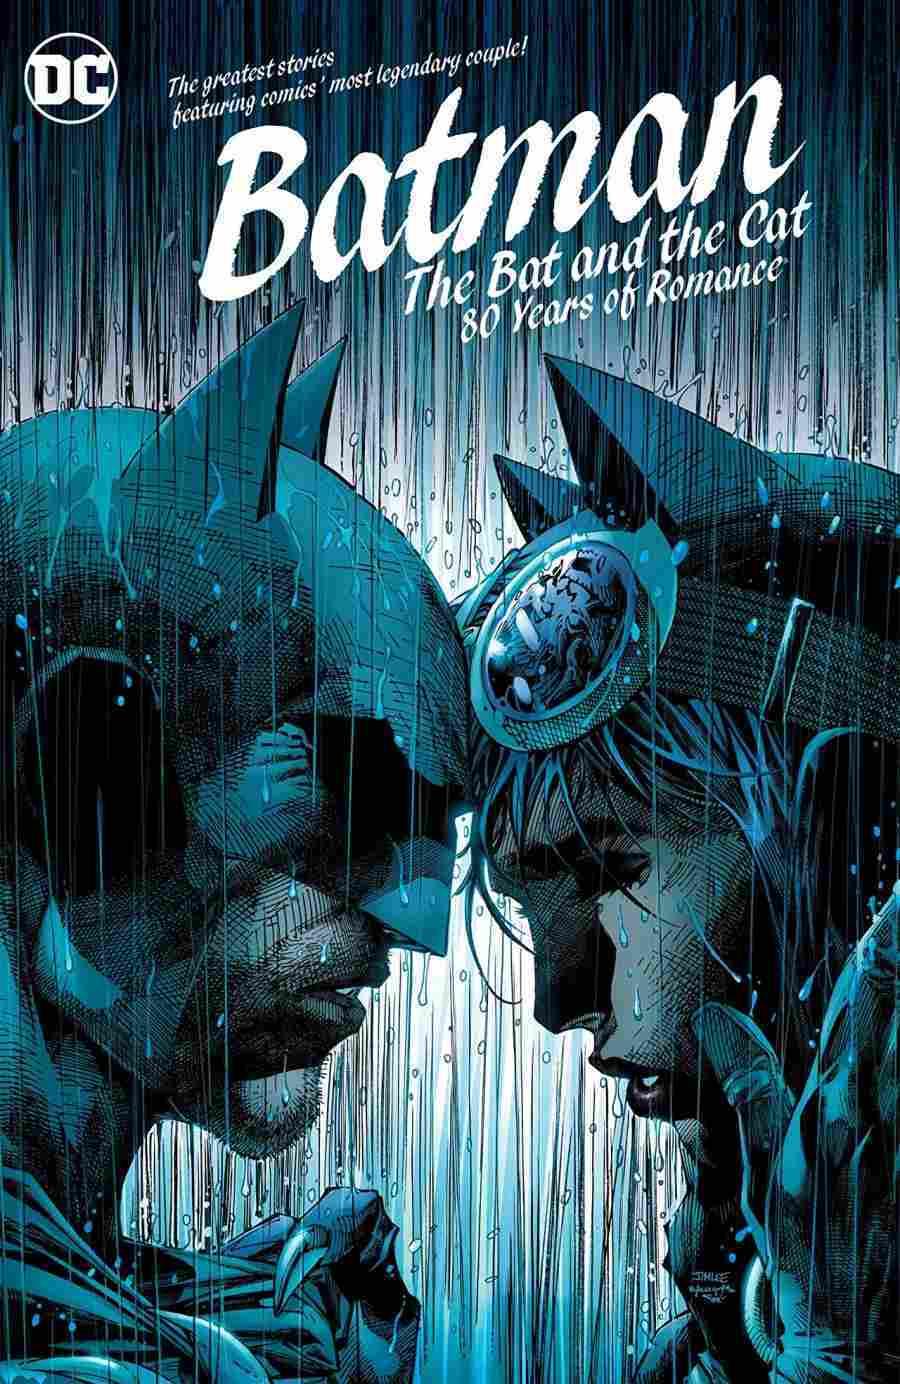 Batman O Bastão e o Gato 80 Anos de Romance